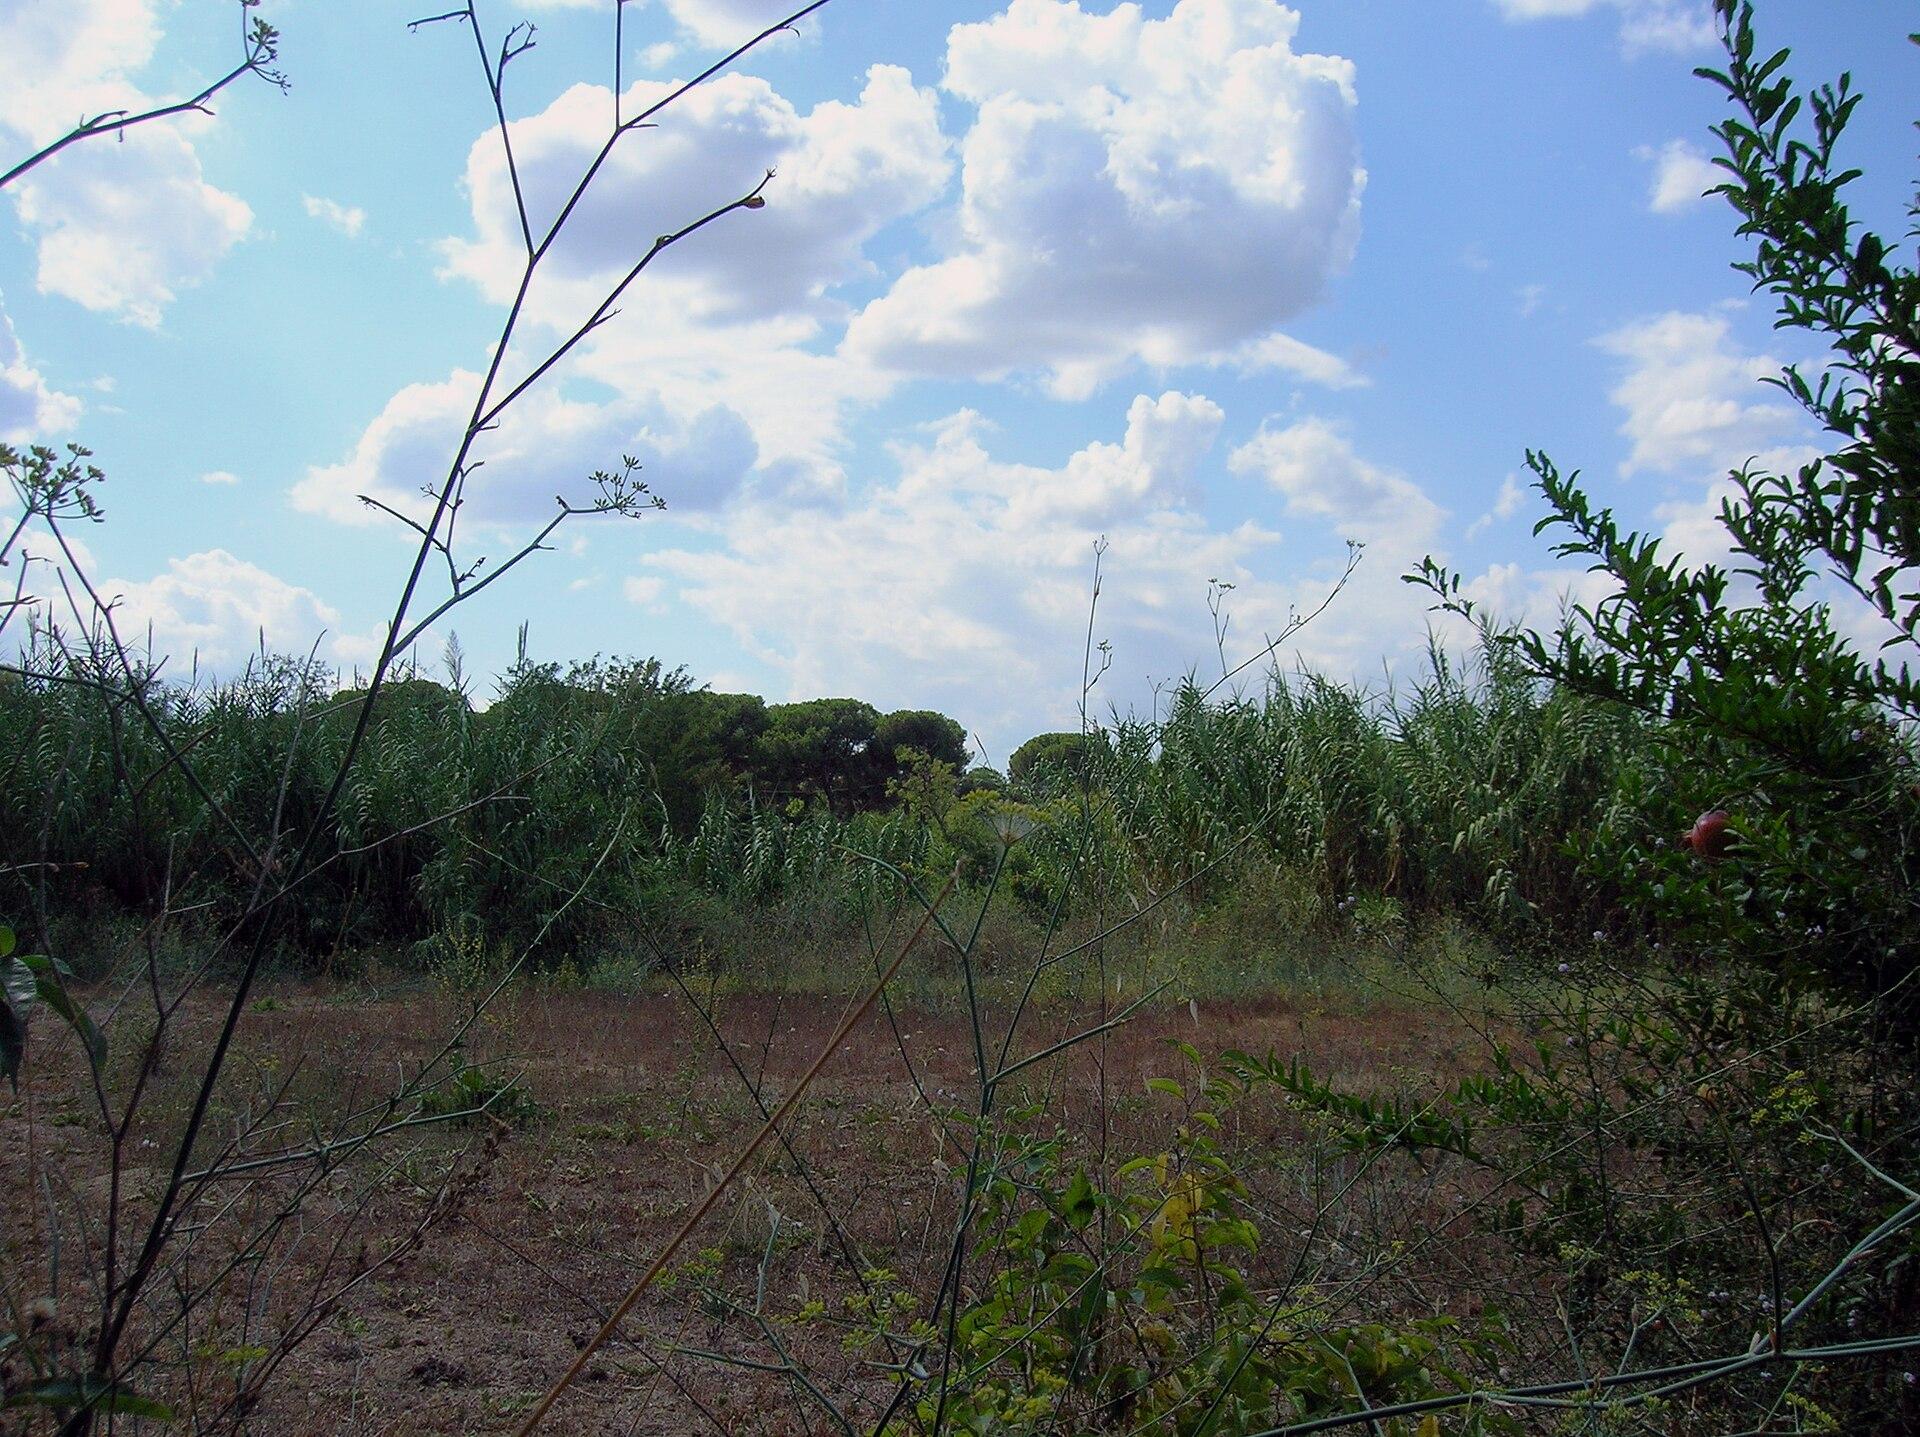 Parco regionale urbano di aguzzano wikipedia for O giardino di pulcinella roma